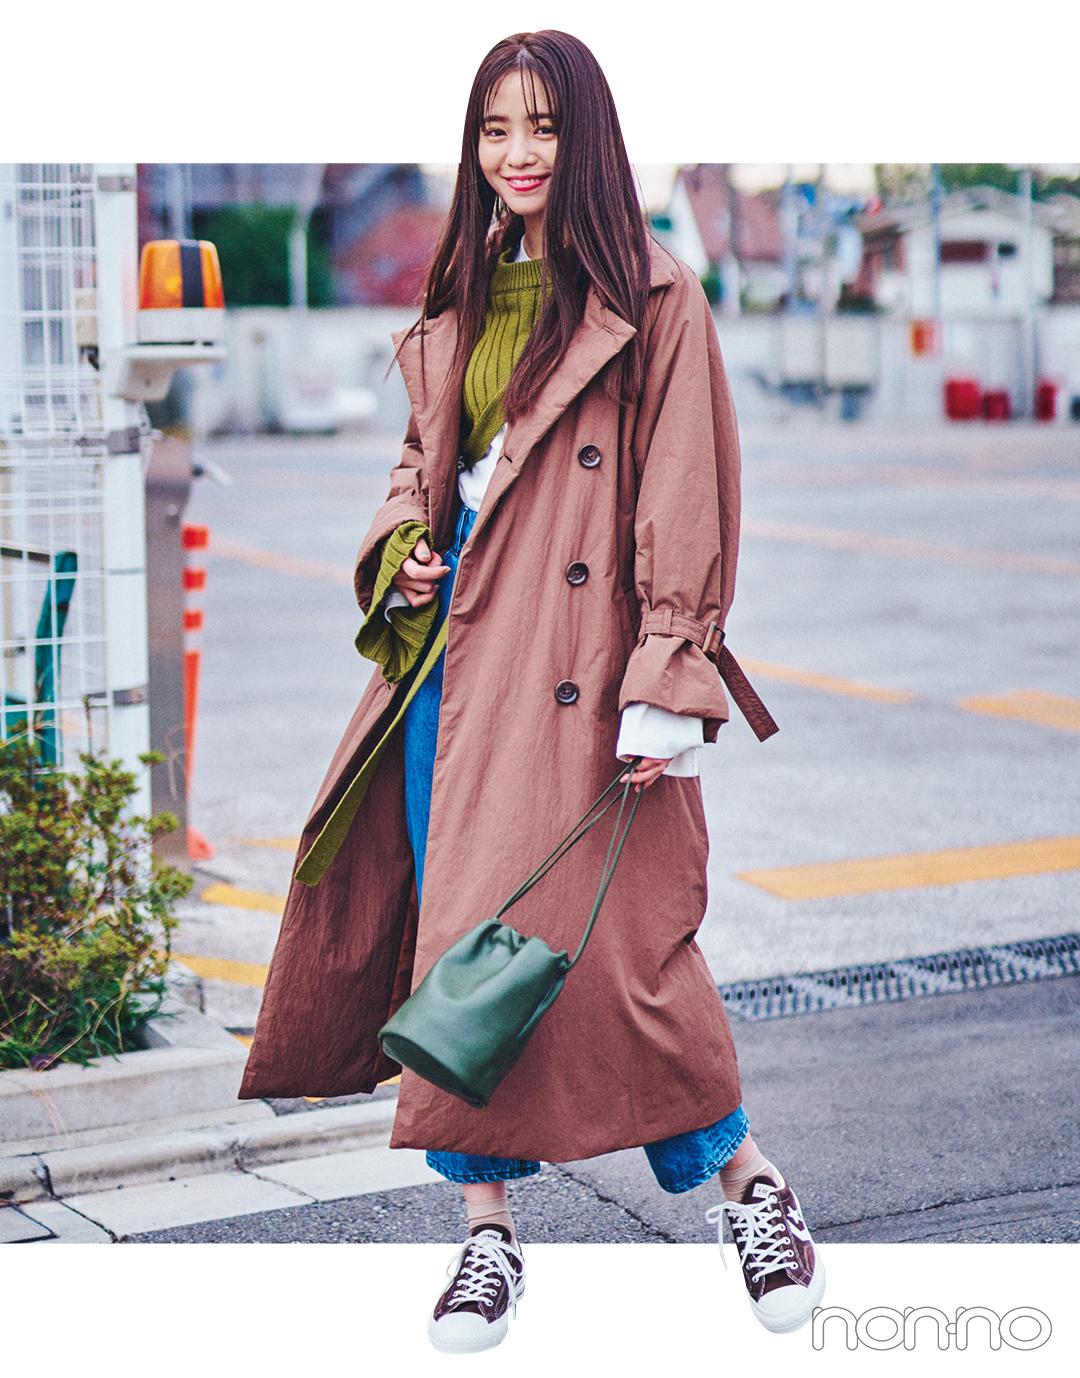 横田真悠の冬私服♡ 明るめカラー使いとあったかトレンチコートがポイント!_1_3